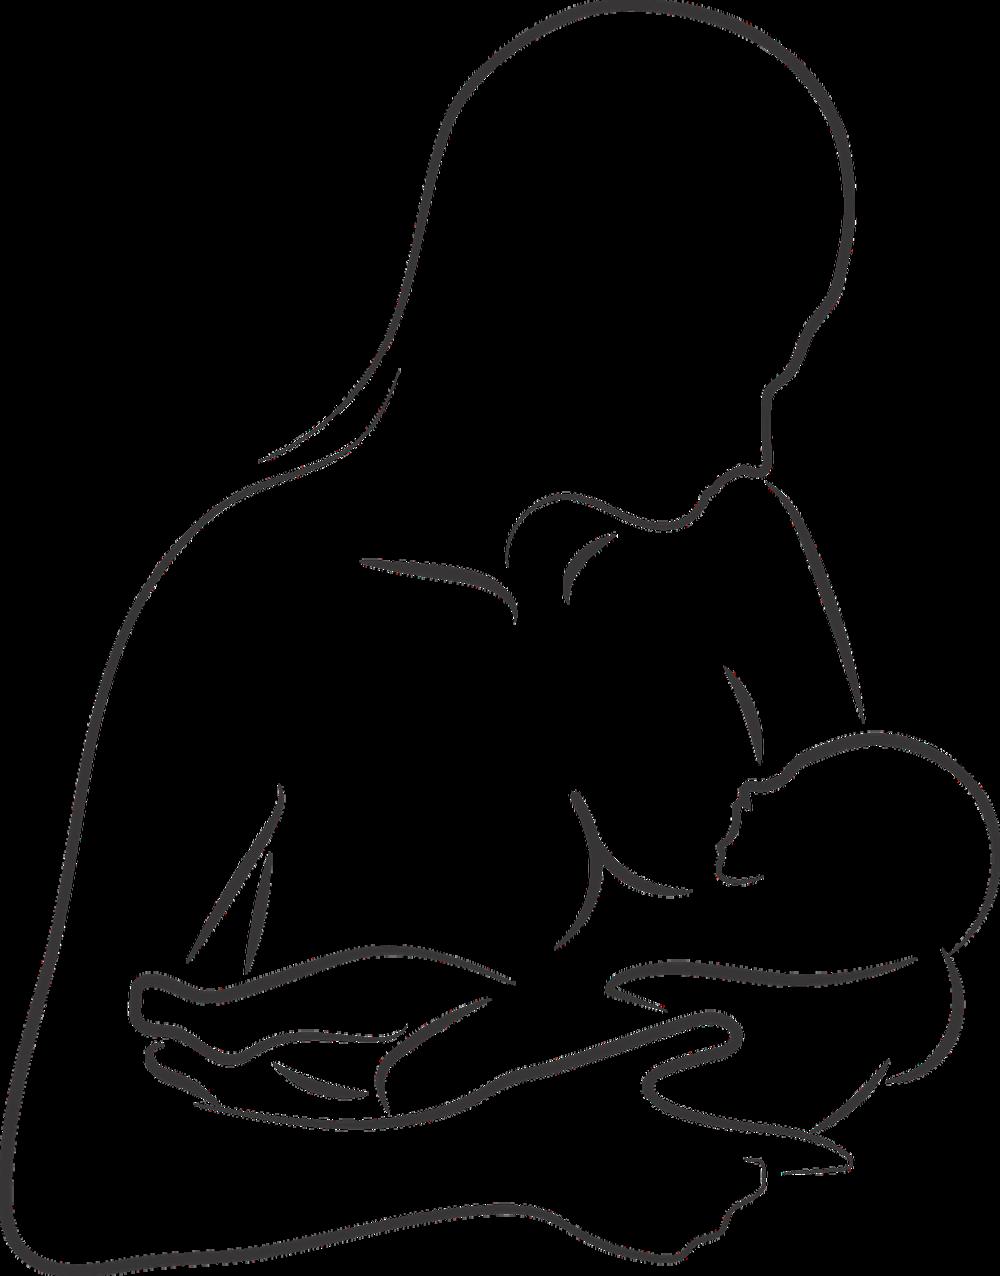 breastfeeding-2730855_1280.png